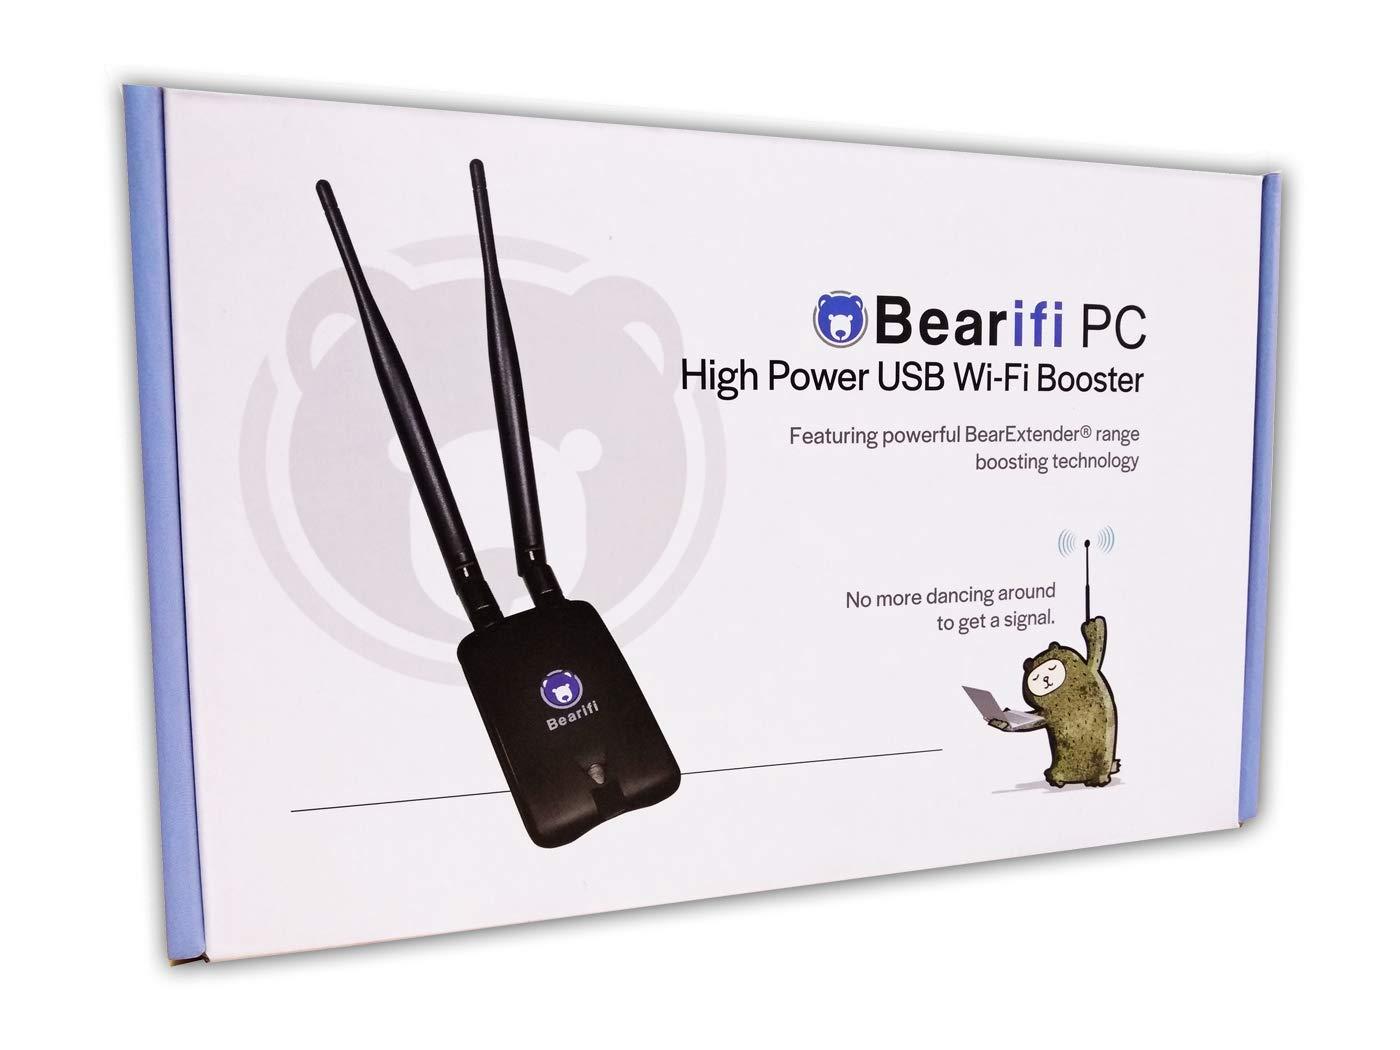 Bearifi BearExtender PC v4 USB WiFi Booster and Range Extender for Microsoft